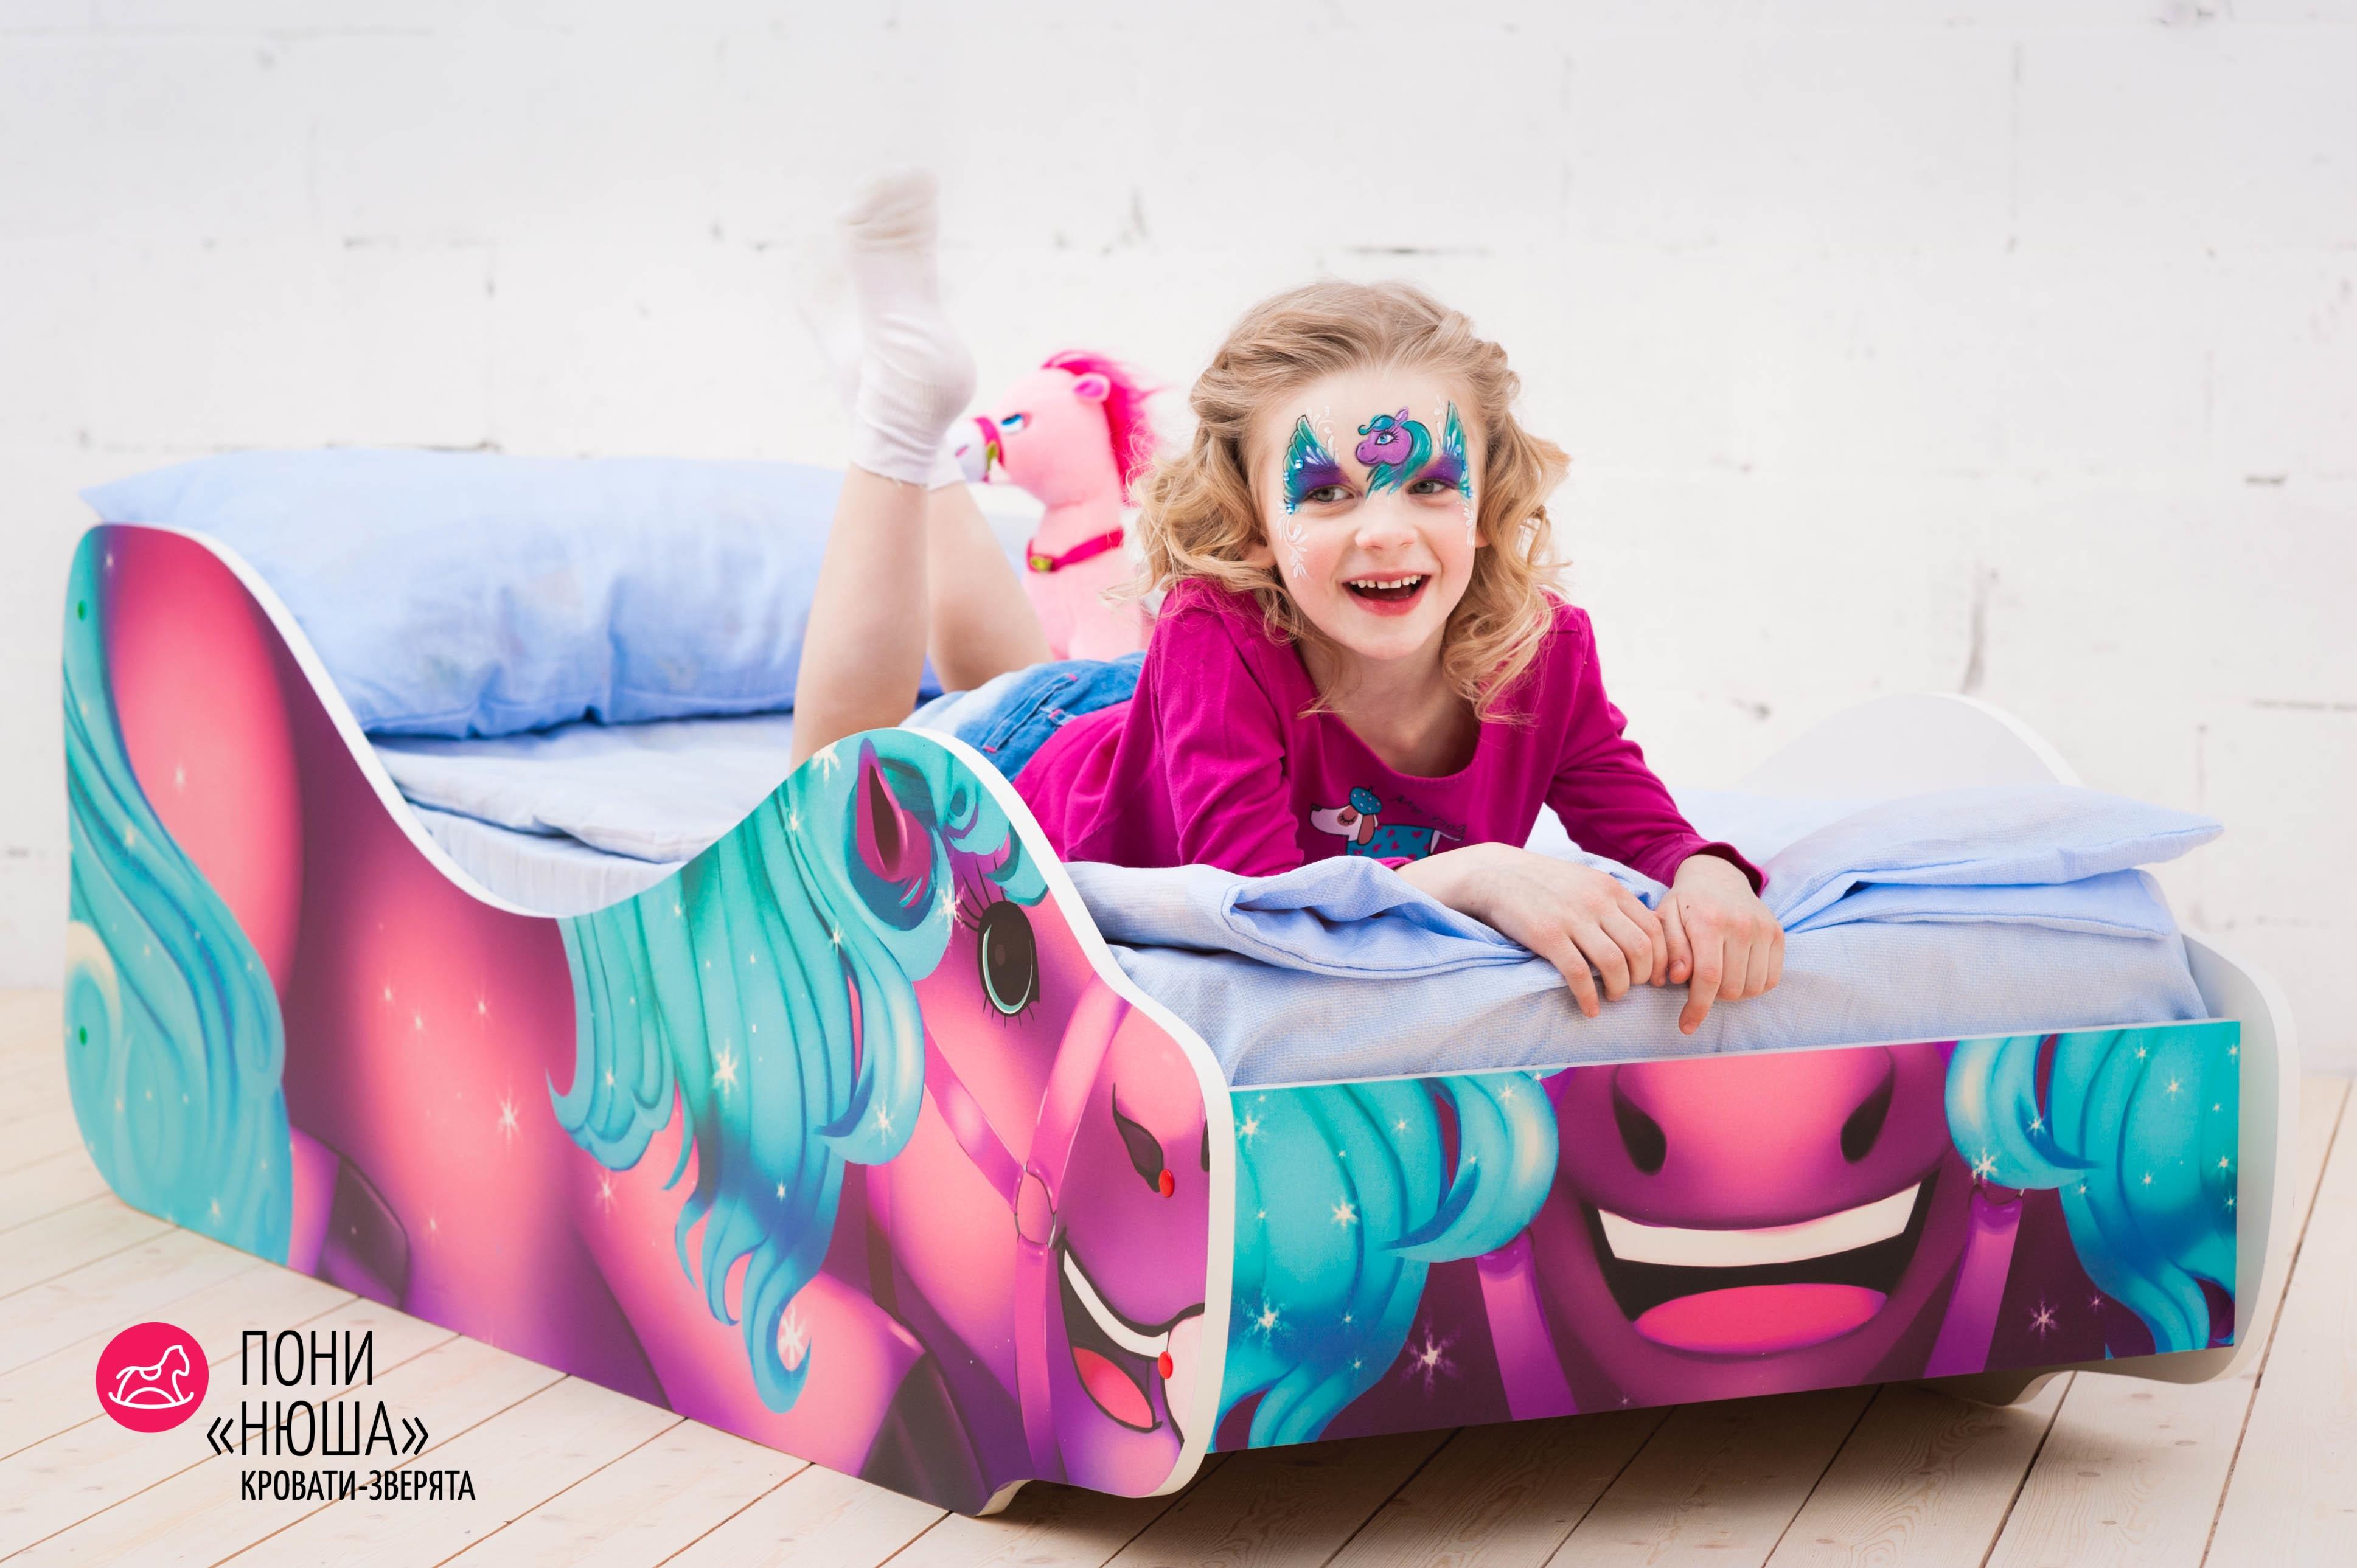 Детская кровать-зверенок -Пони-Нюша-6